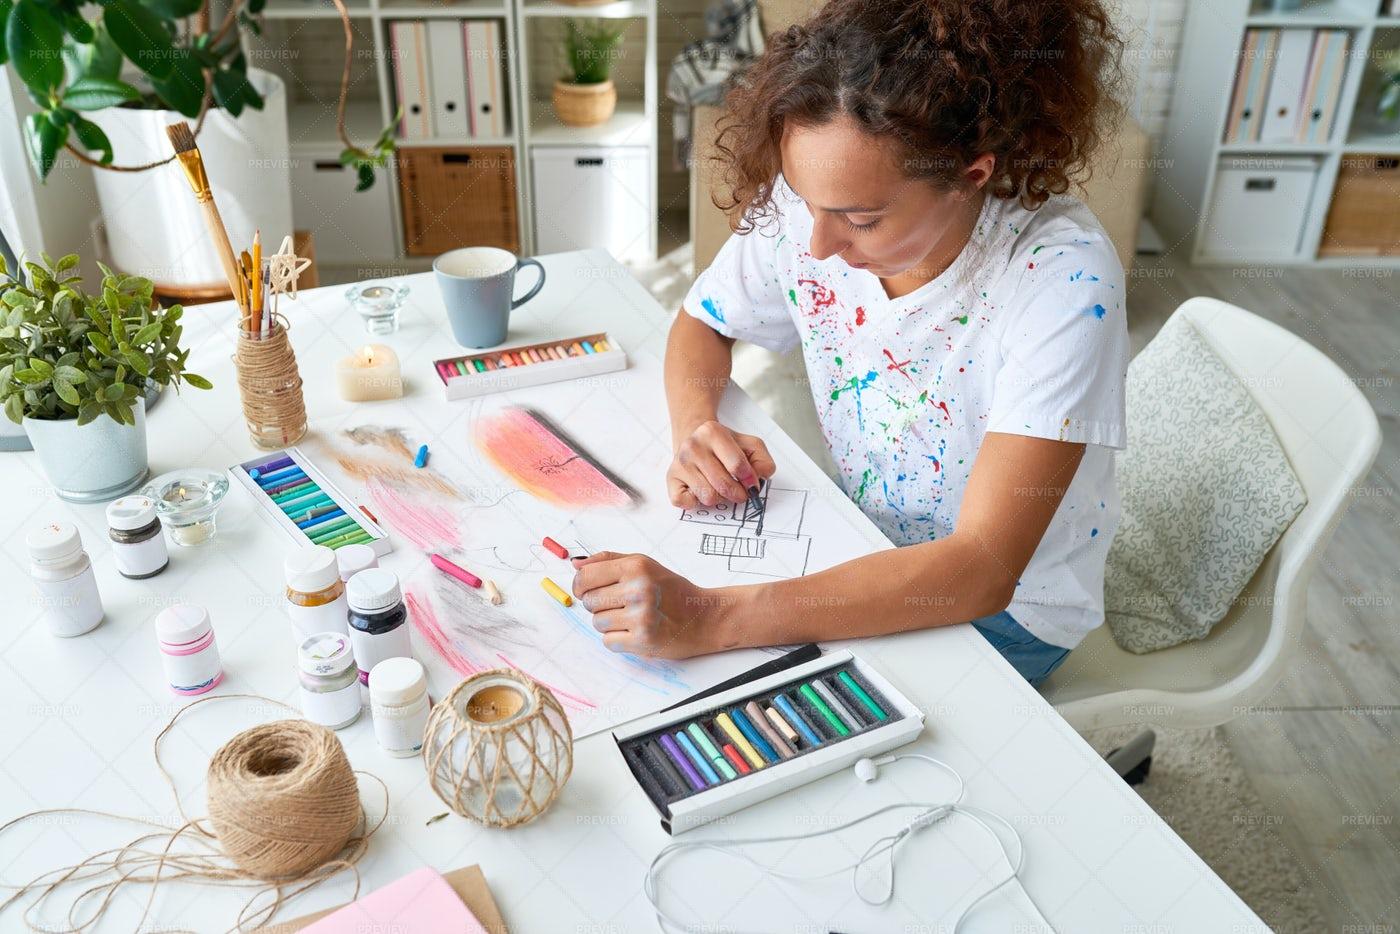 Inspired Female Artist: Stock Photos